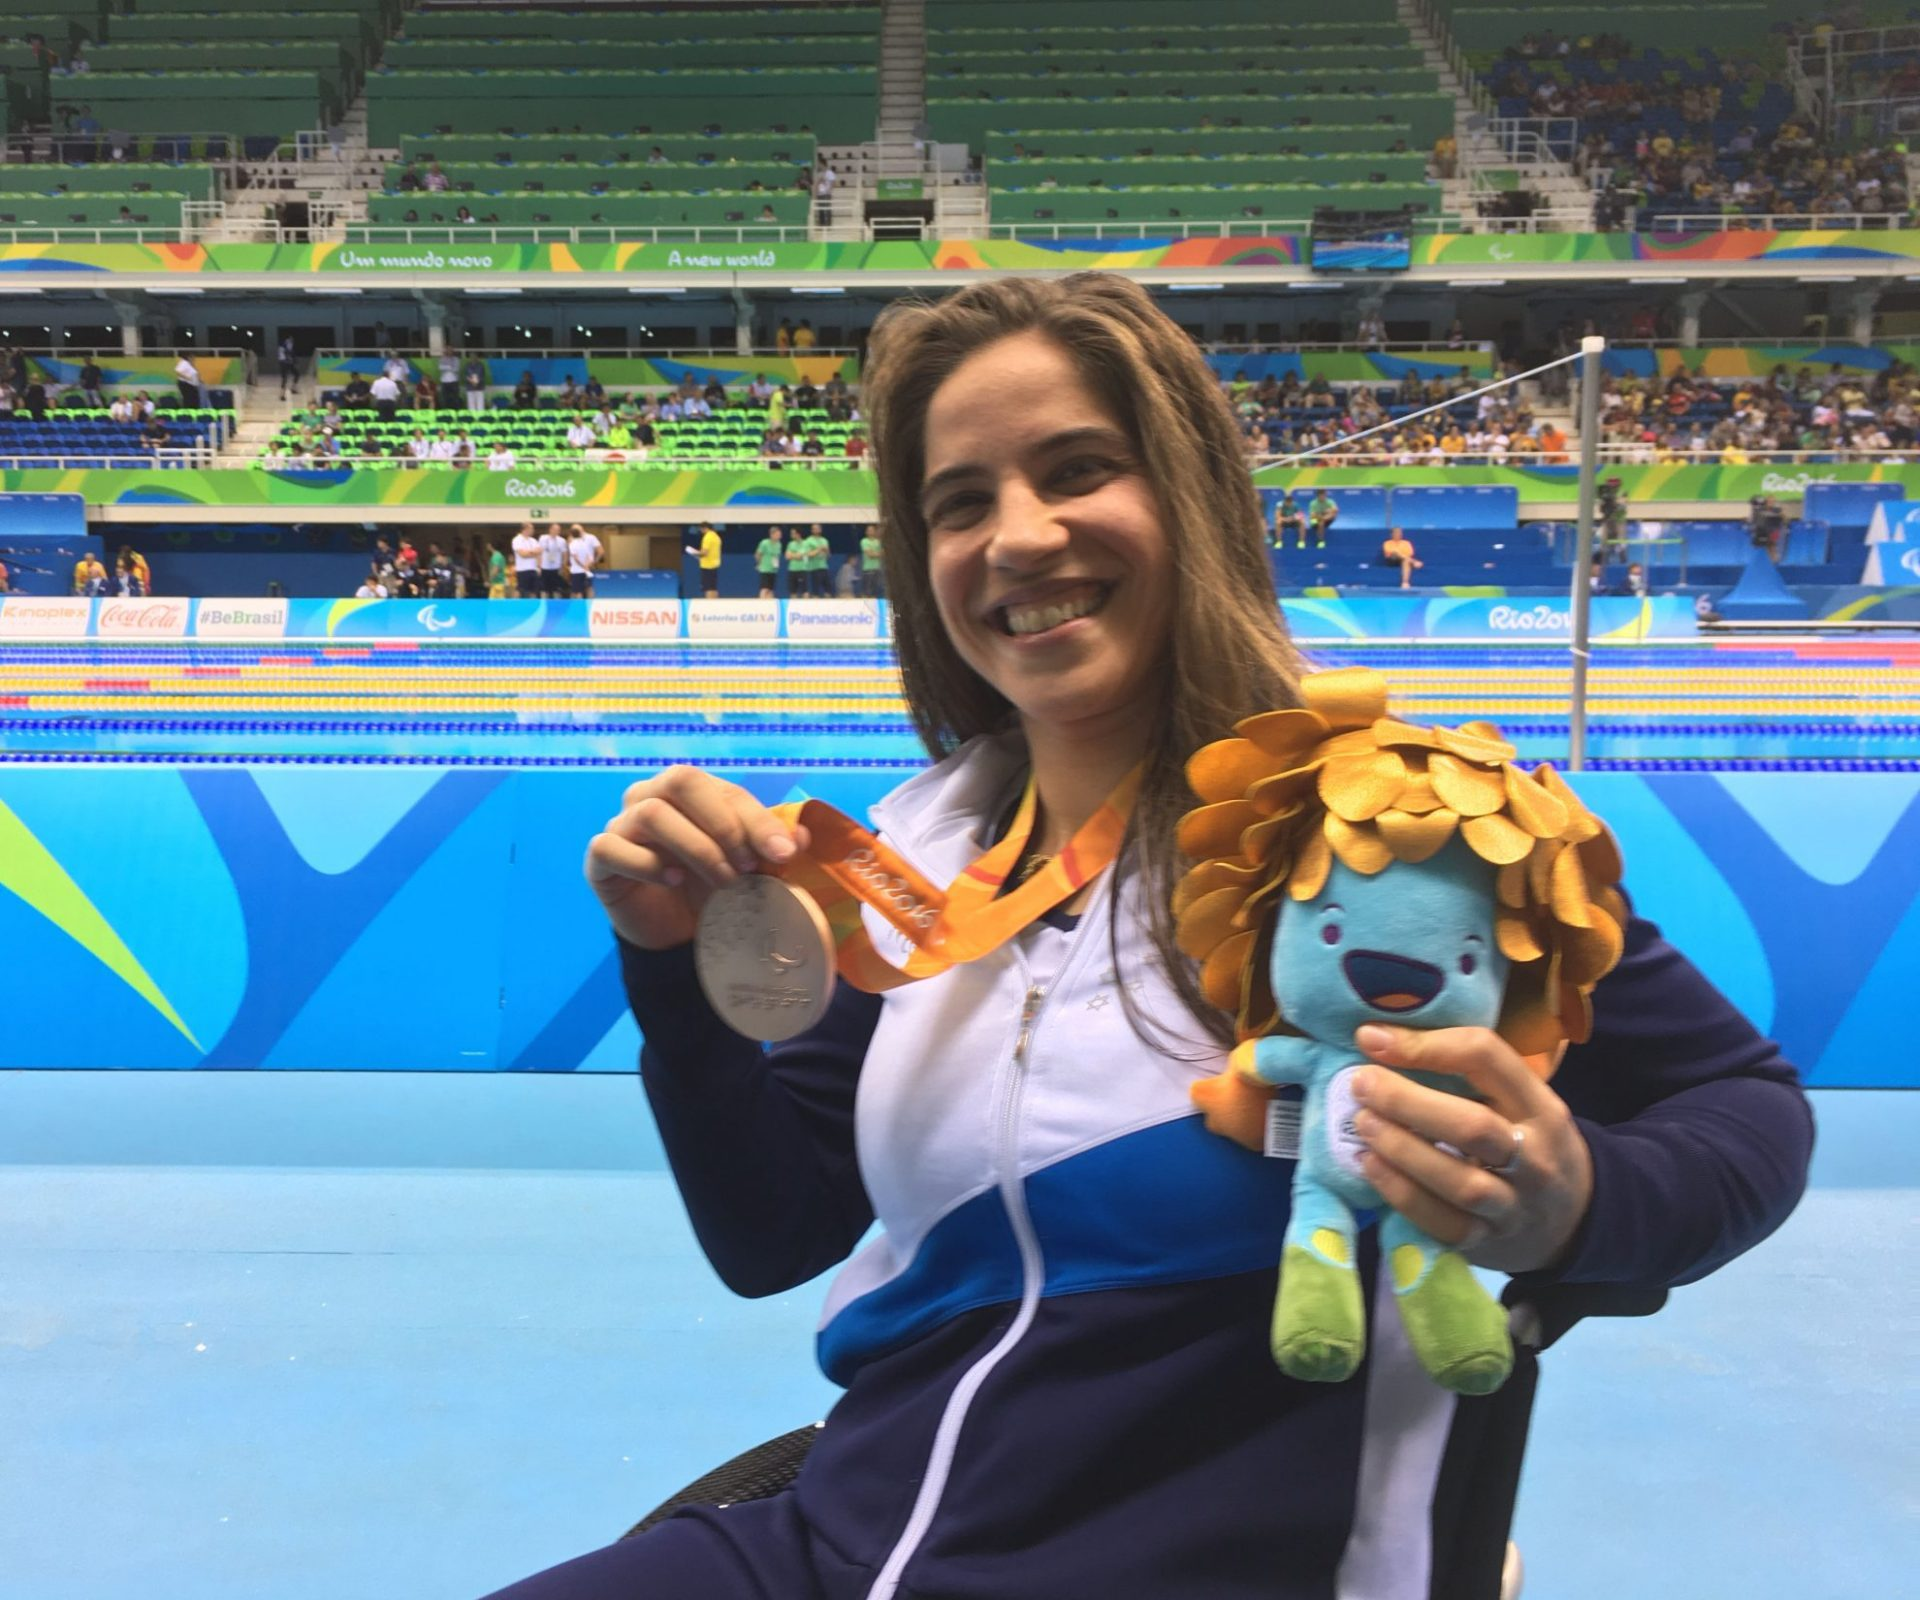 ענבל פיזרו זוכה במדליית ארד במשחקים הפראלימפים ריו 2016